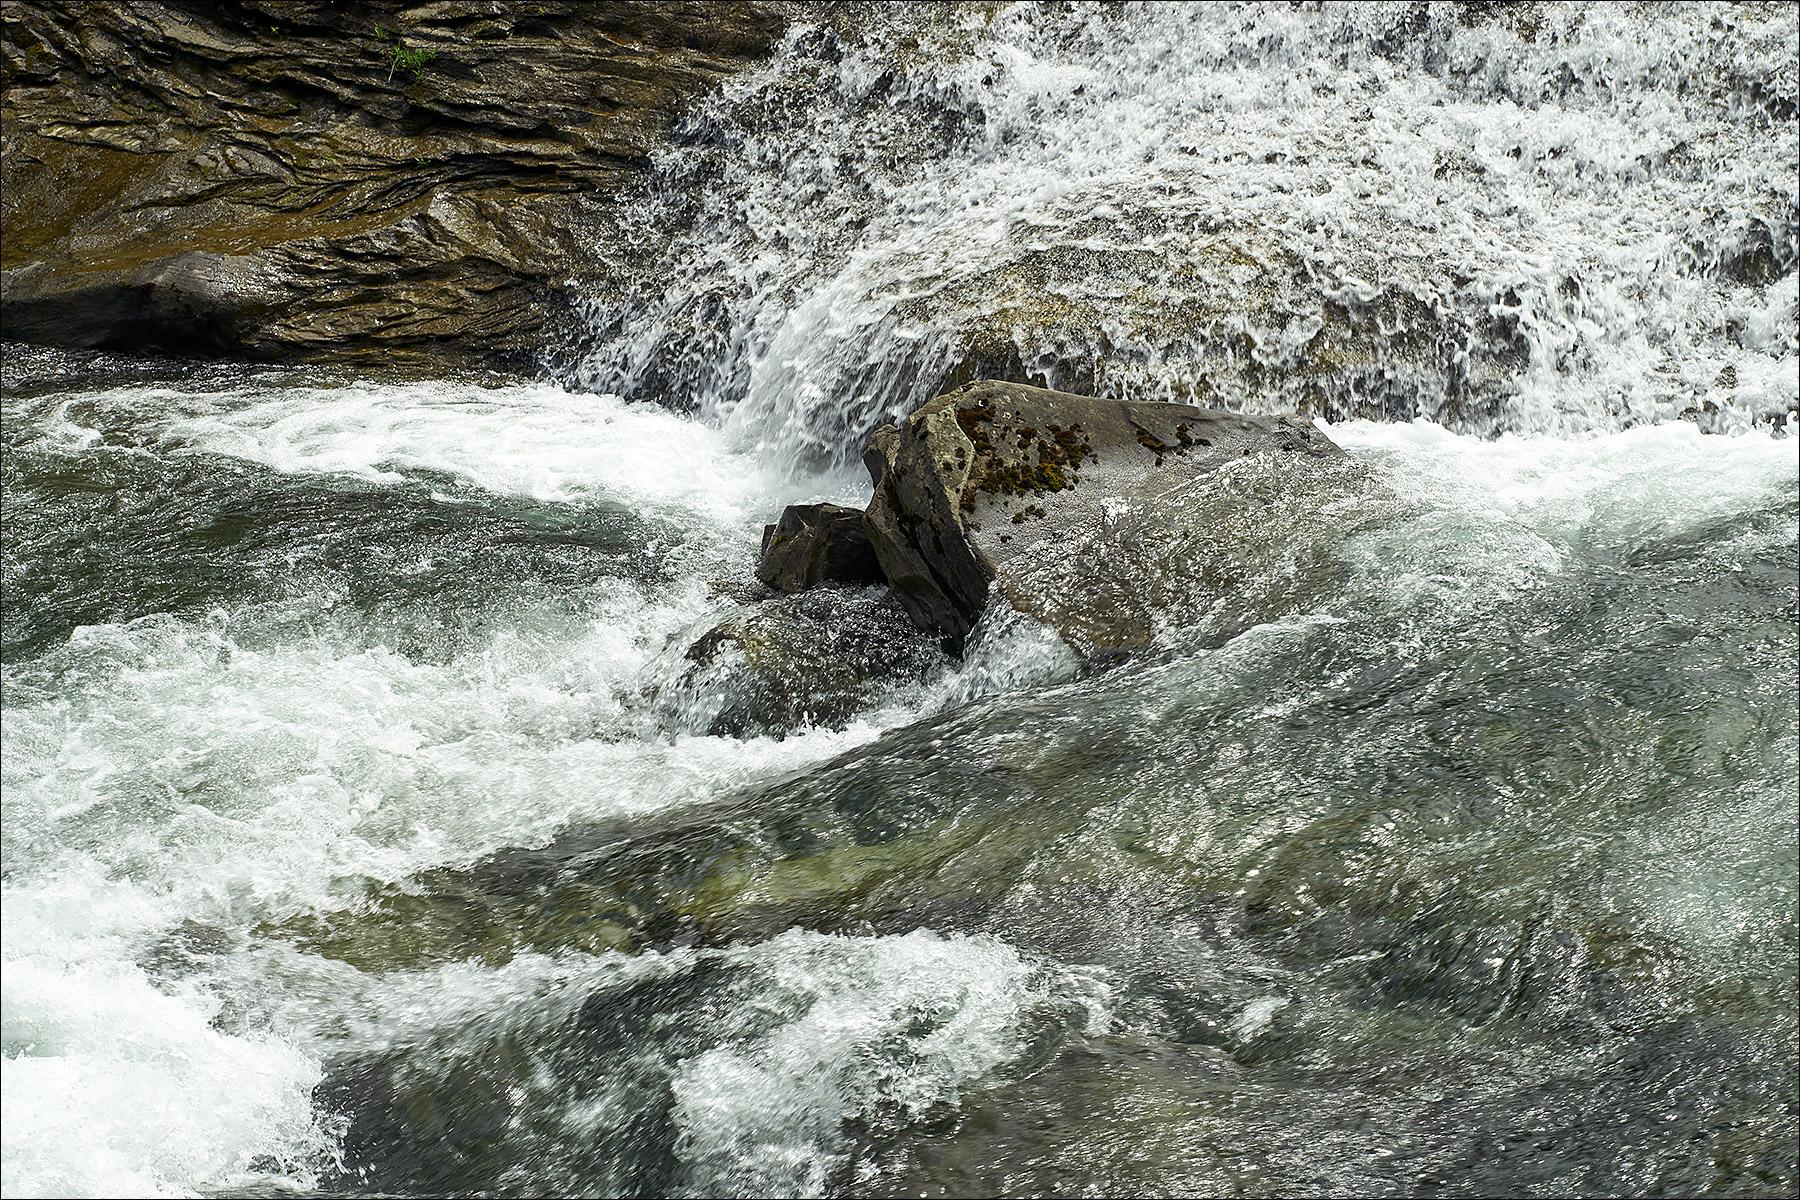 Nymph Falls Nature Park ©johncameron.ca